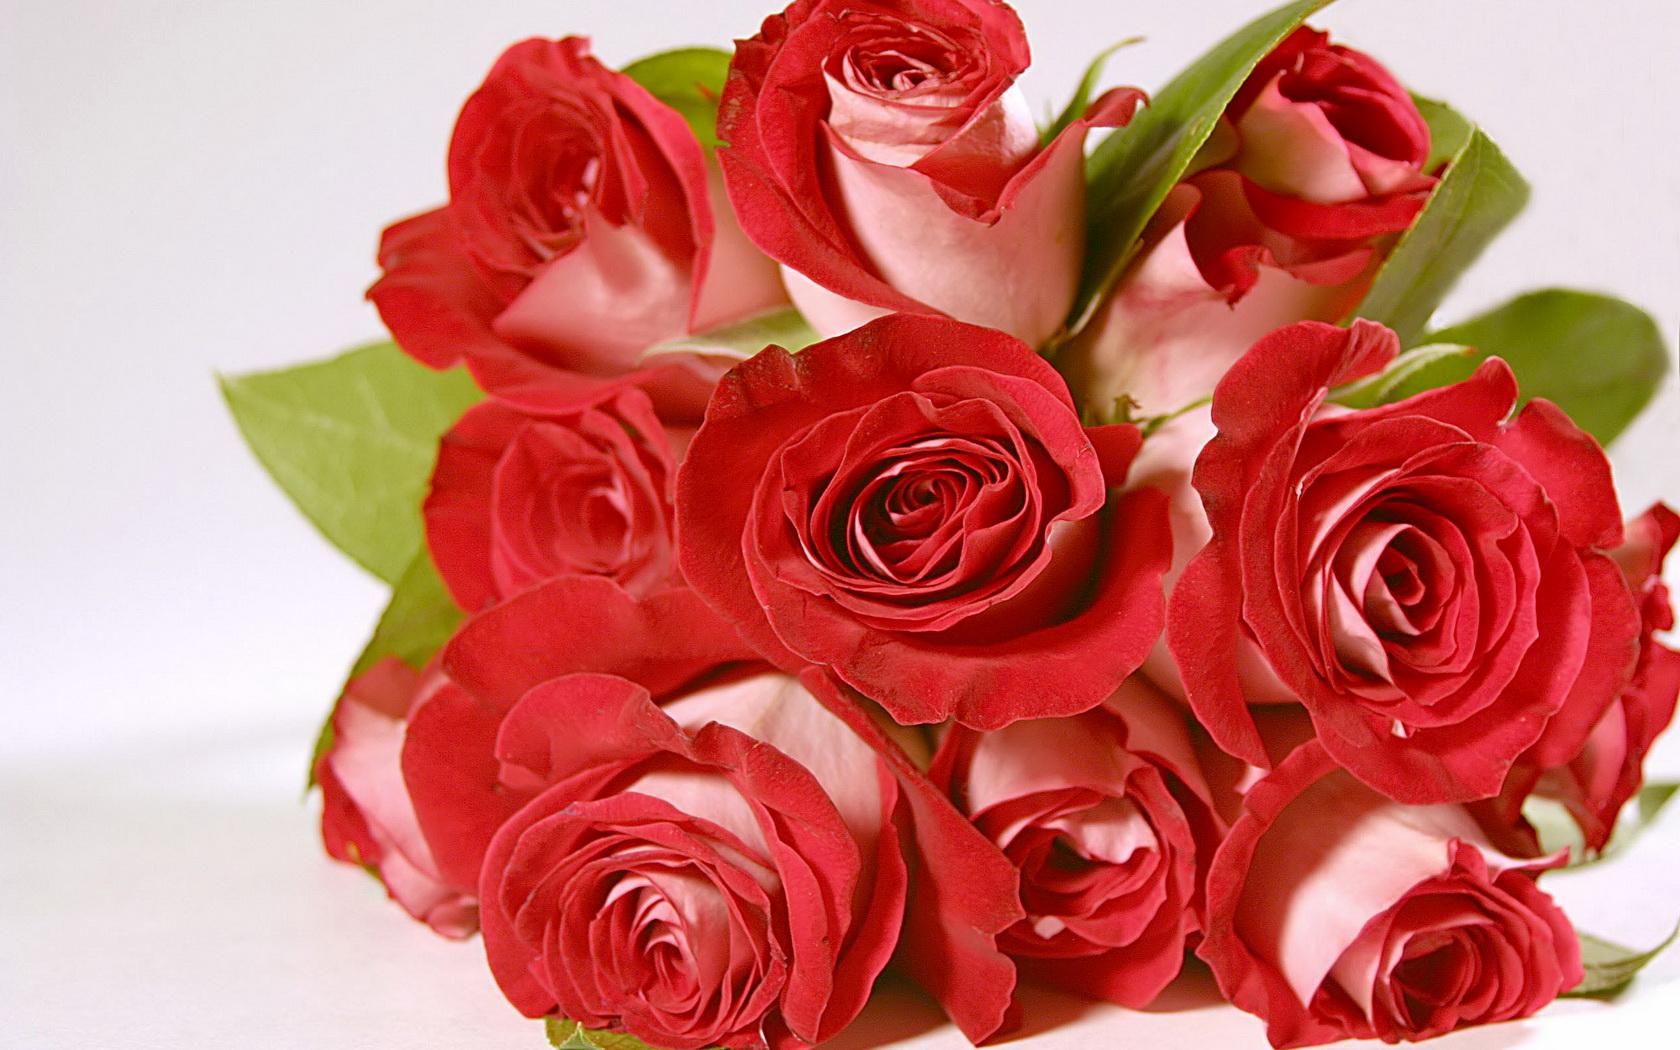 Стих к поздравлению цветы 789